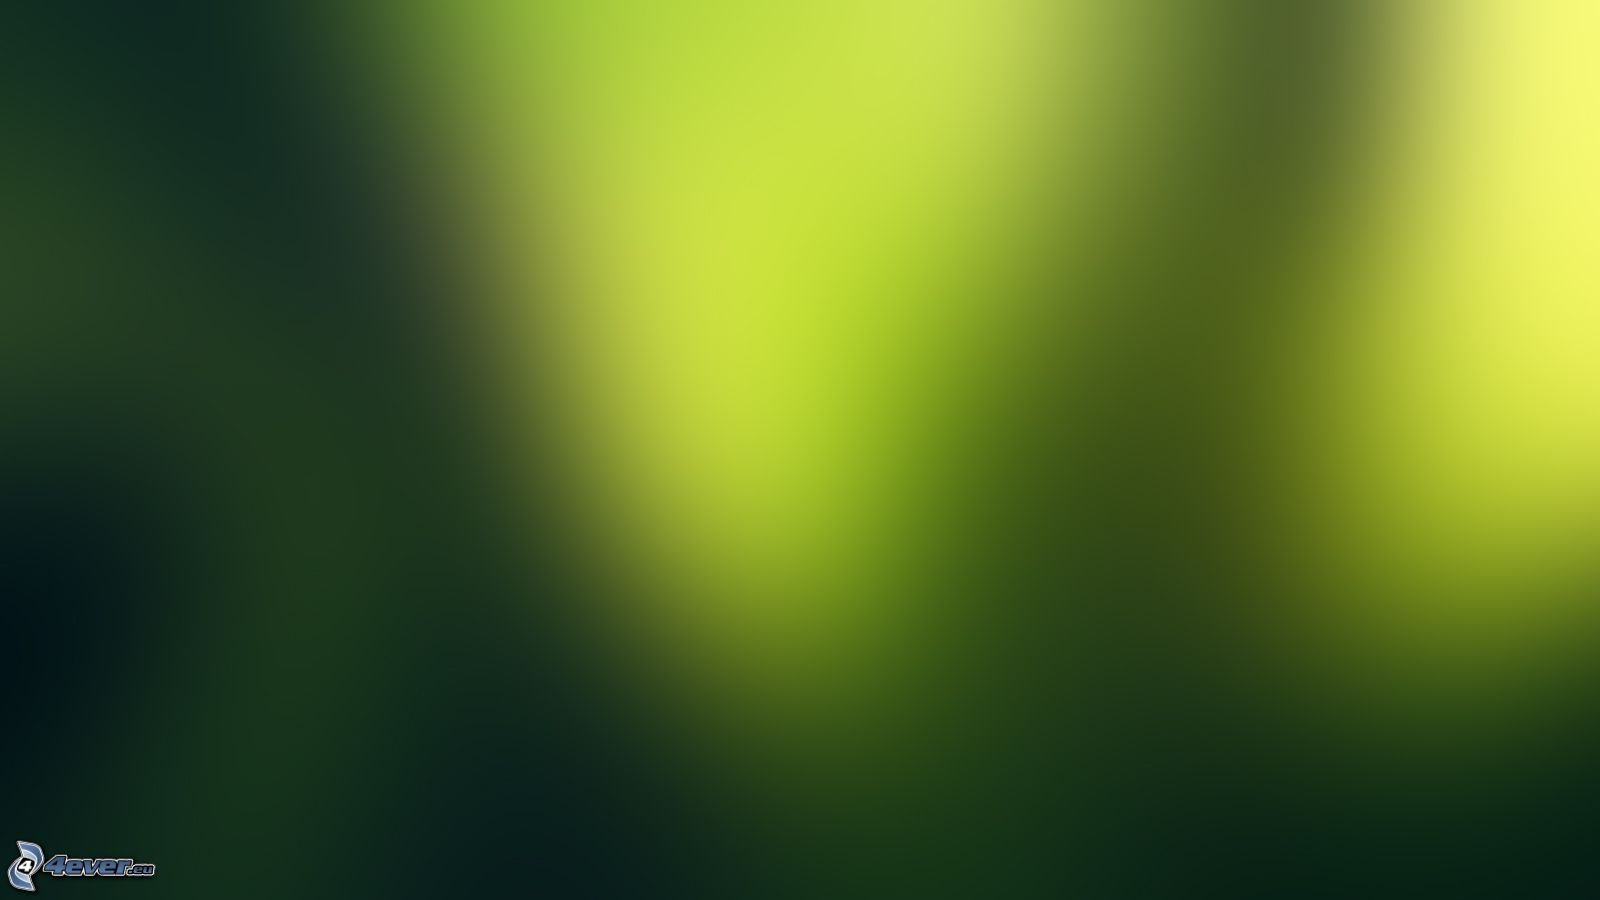 abstrakt dunklen hintergrund bilder - photo #11